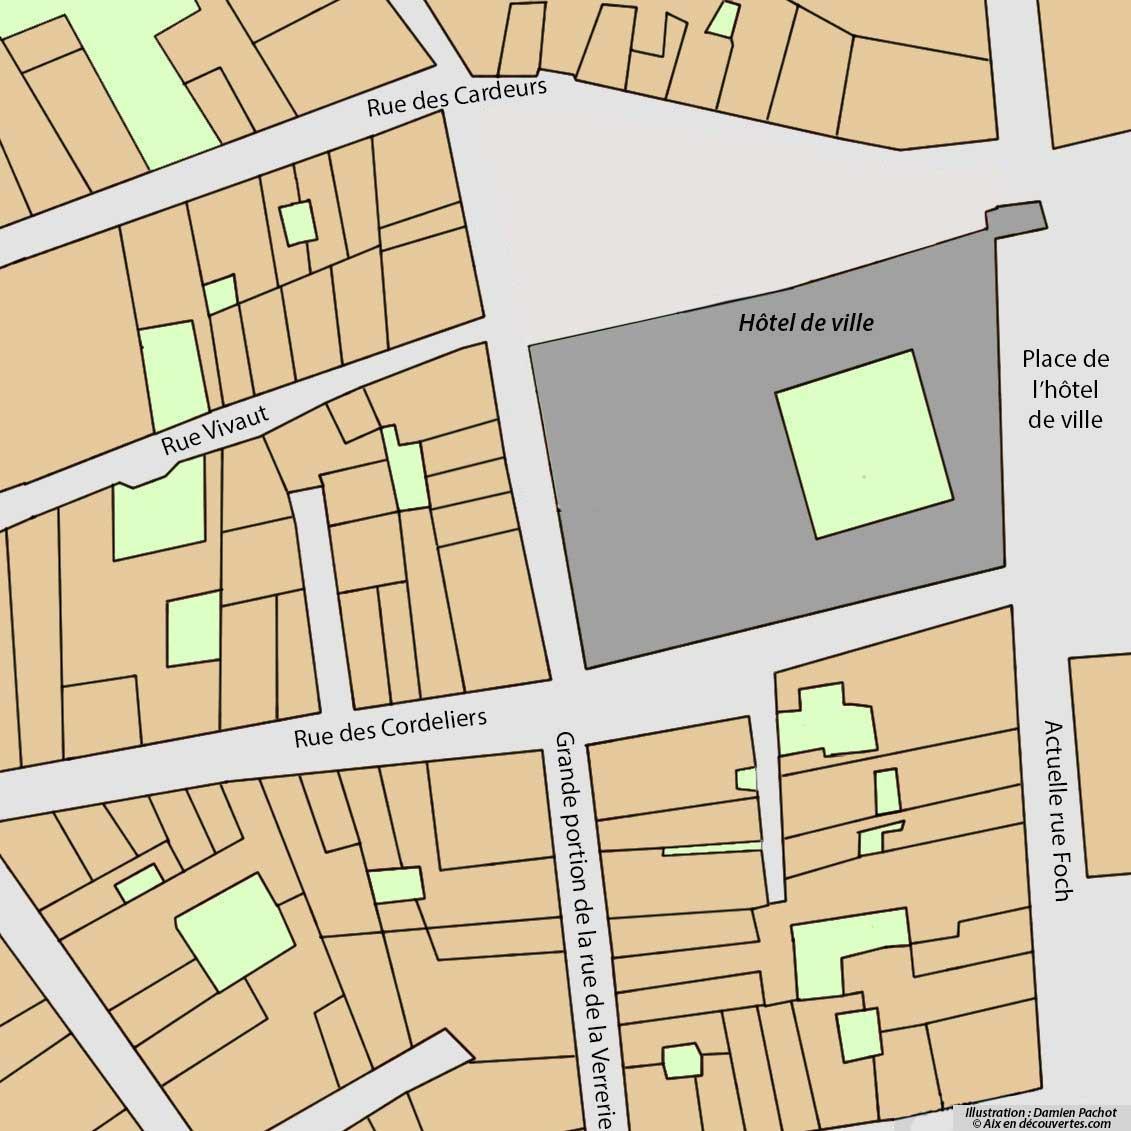 L'état du quartier après la destruction de l'îlot nord et l'agrandissement de l'hôtel de ville (tout début XXe siècle)